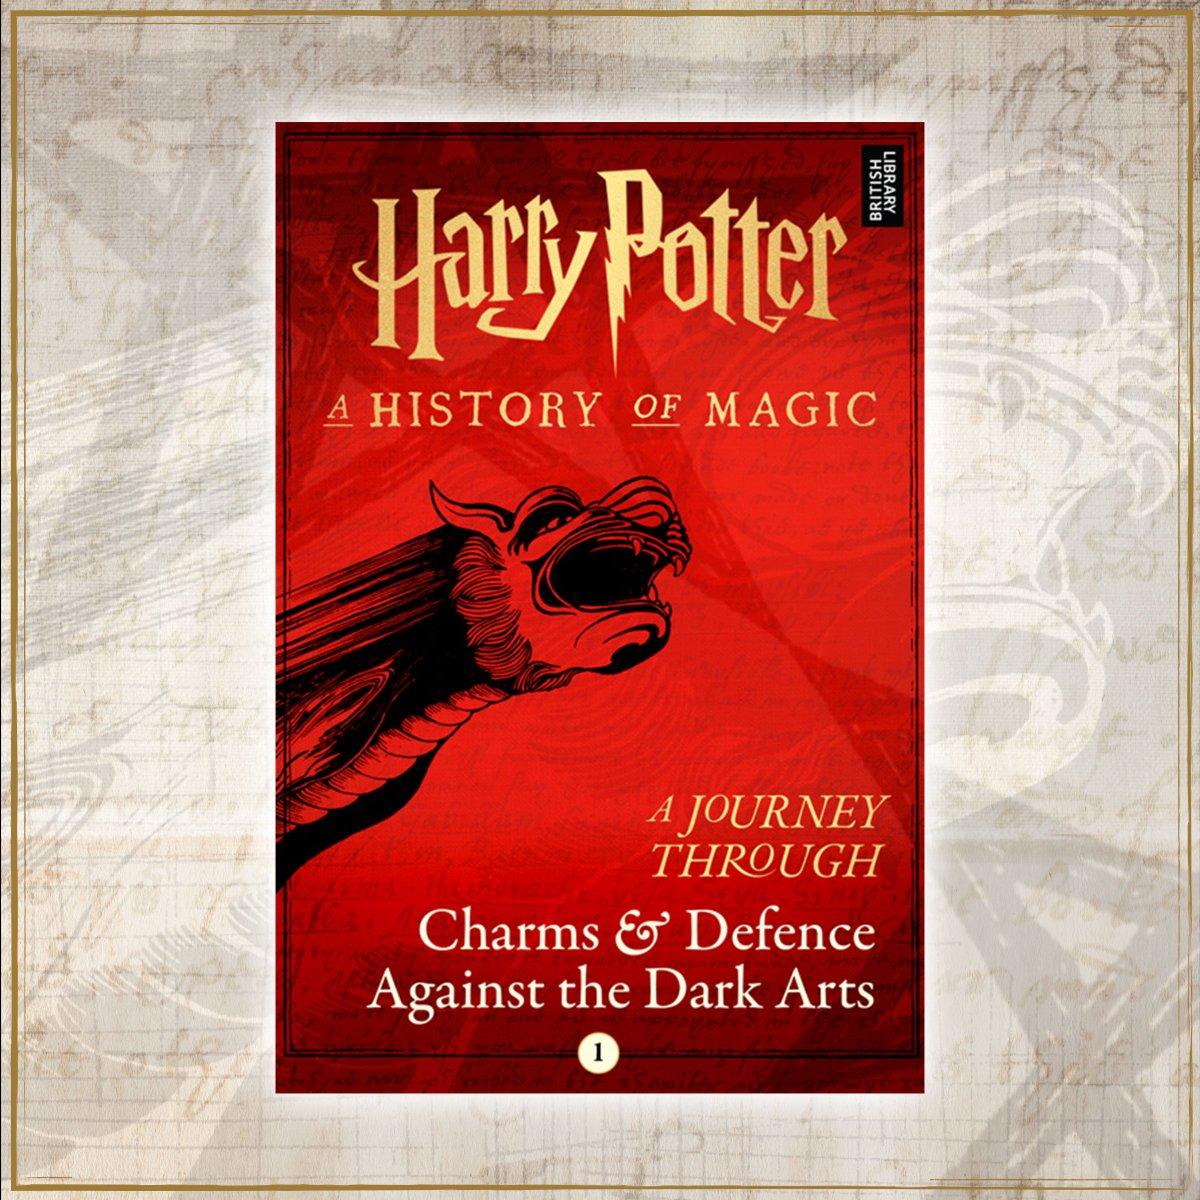 【魔法世界相關】J.K. 羅琳今天公開了四本哈利波特系列的新書!